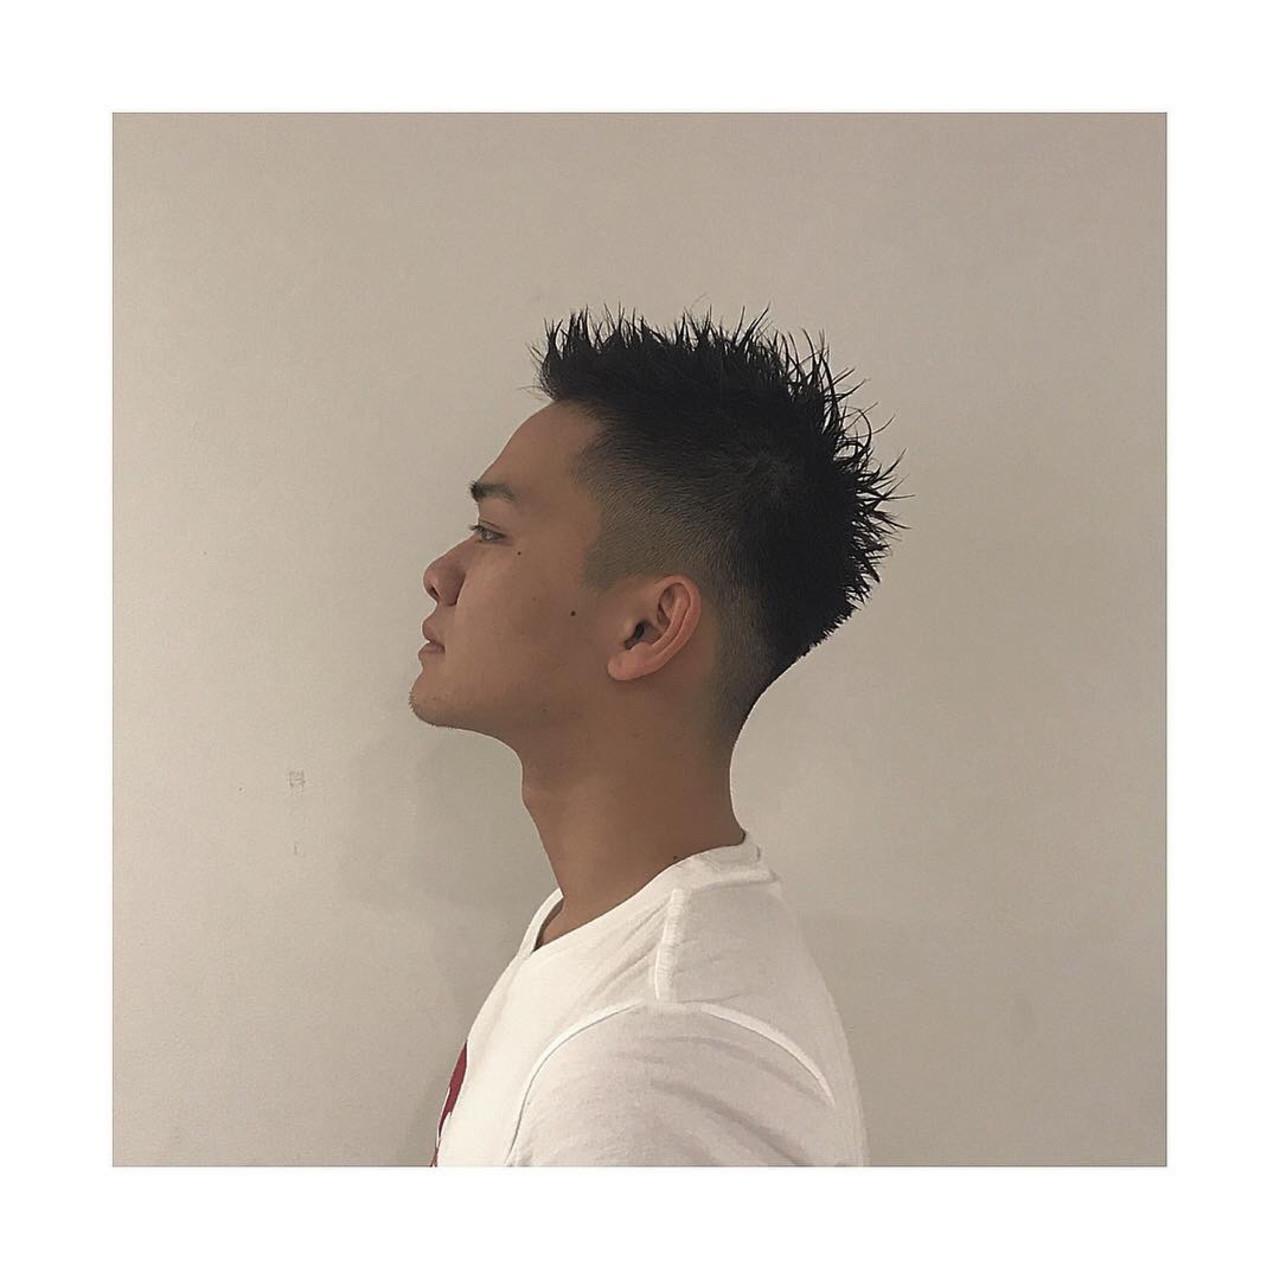 彼氏にしてほしい髪型「フェードカット」とは|硬派な男らしさが魅力!